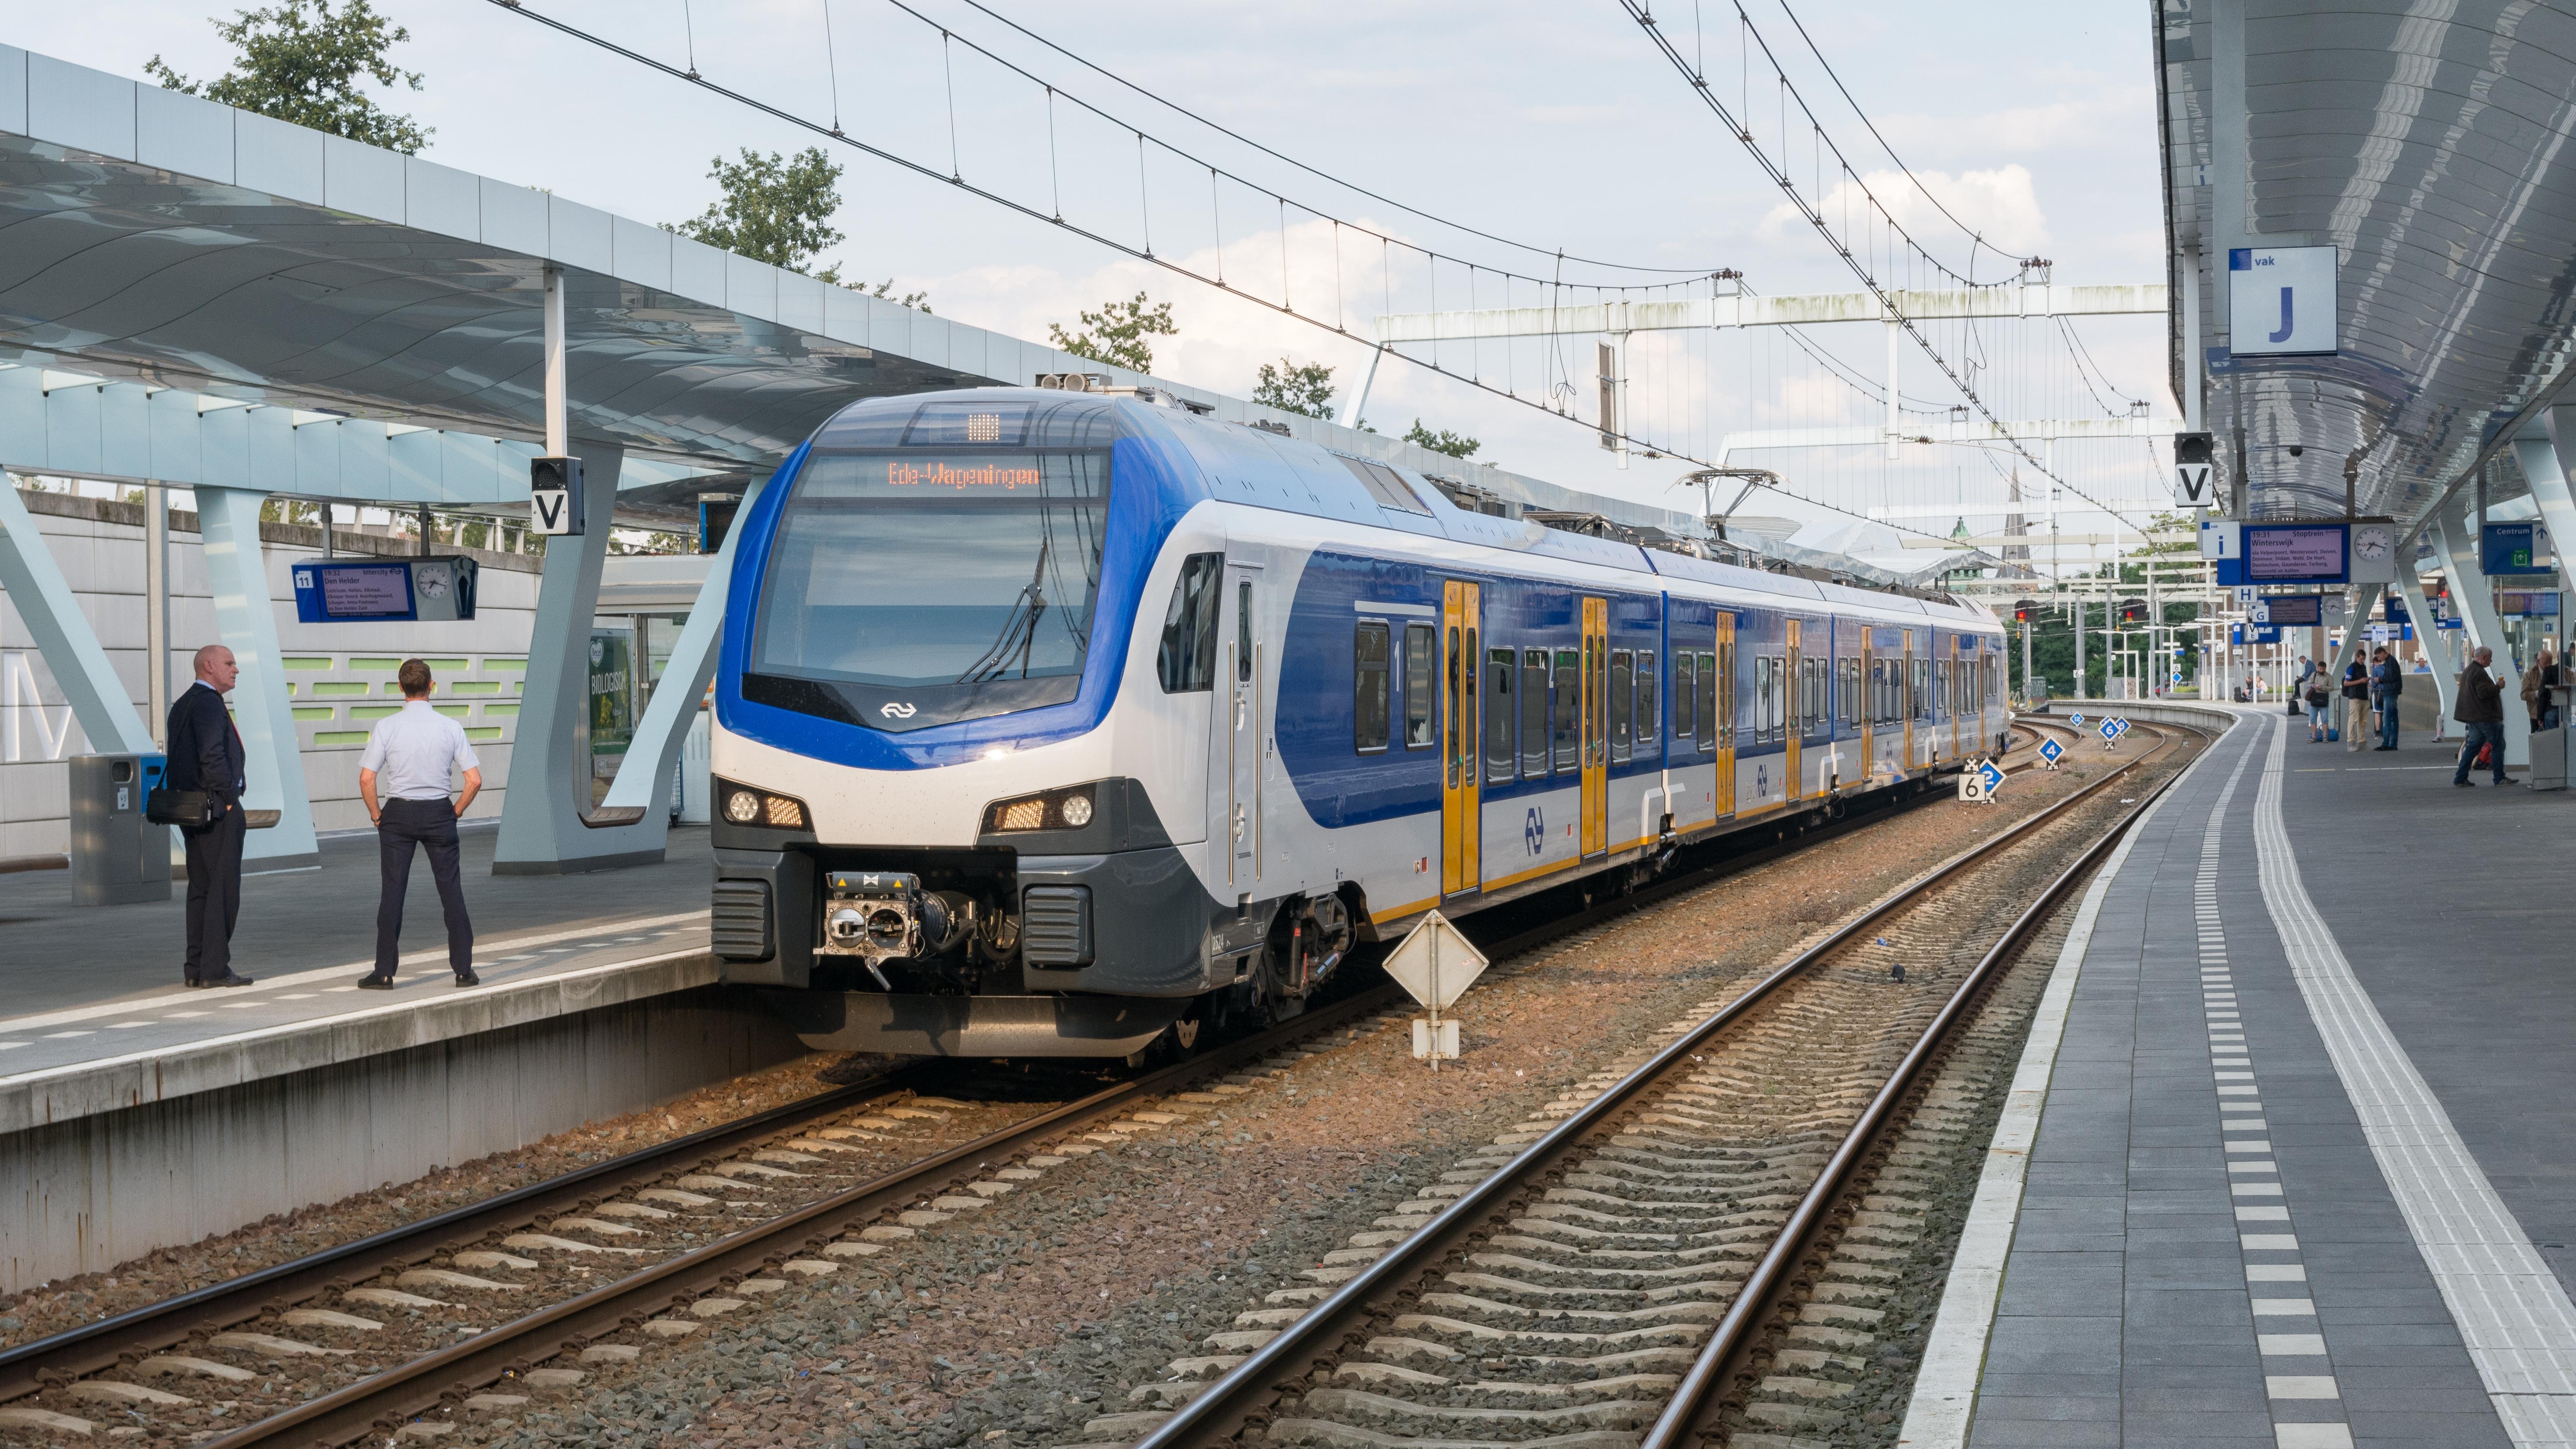 File:Arnhem Centraal NSR Flirt3 2524 Sprinter 7568 Ede-Wageningen  (36275553112).